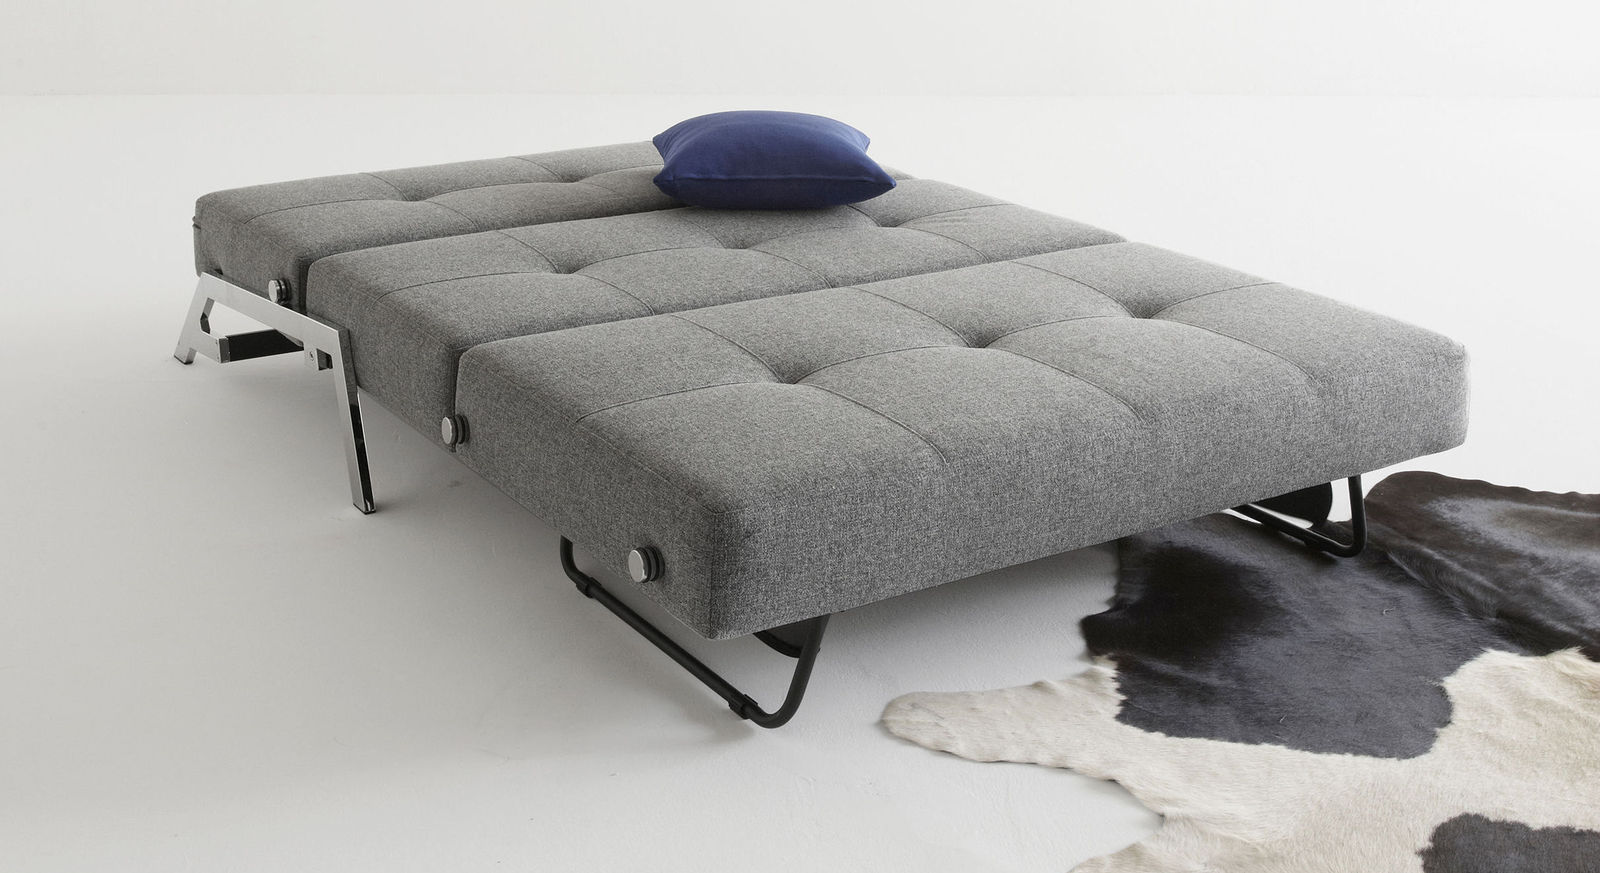 Einfach Schlafsofas Im Test Fotos Von Wohndesign Design